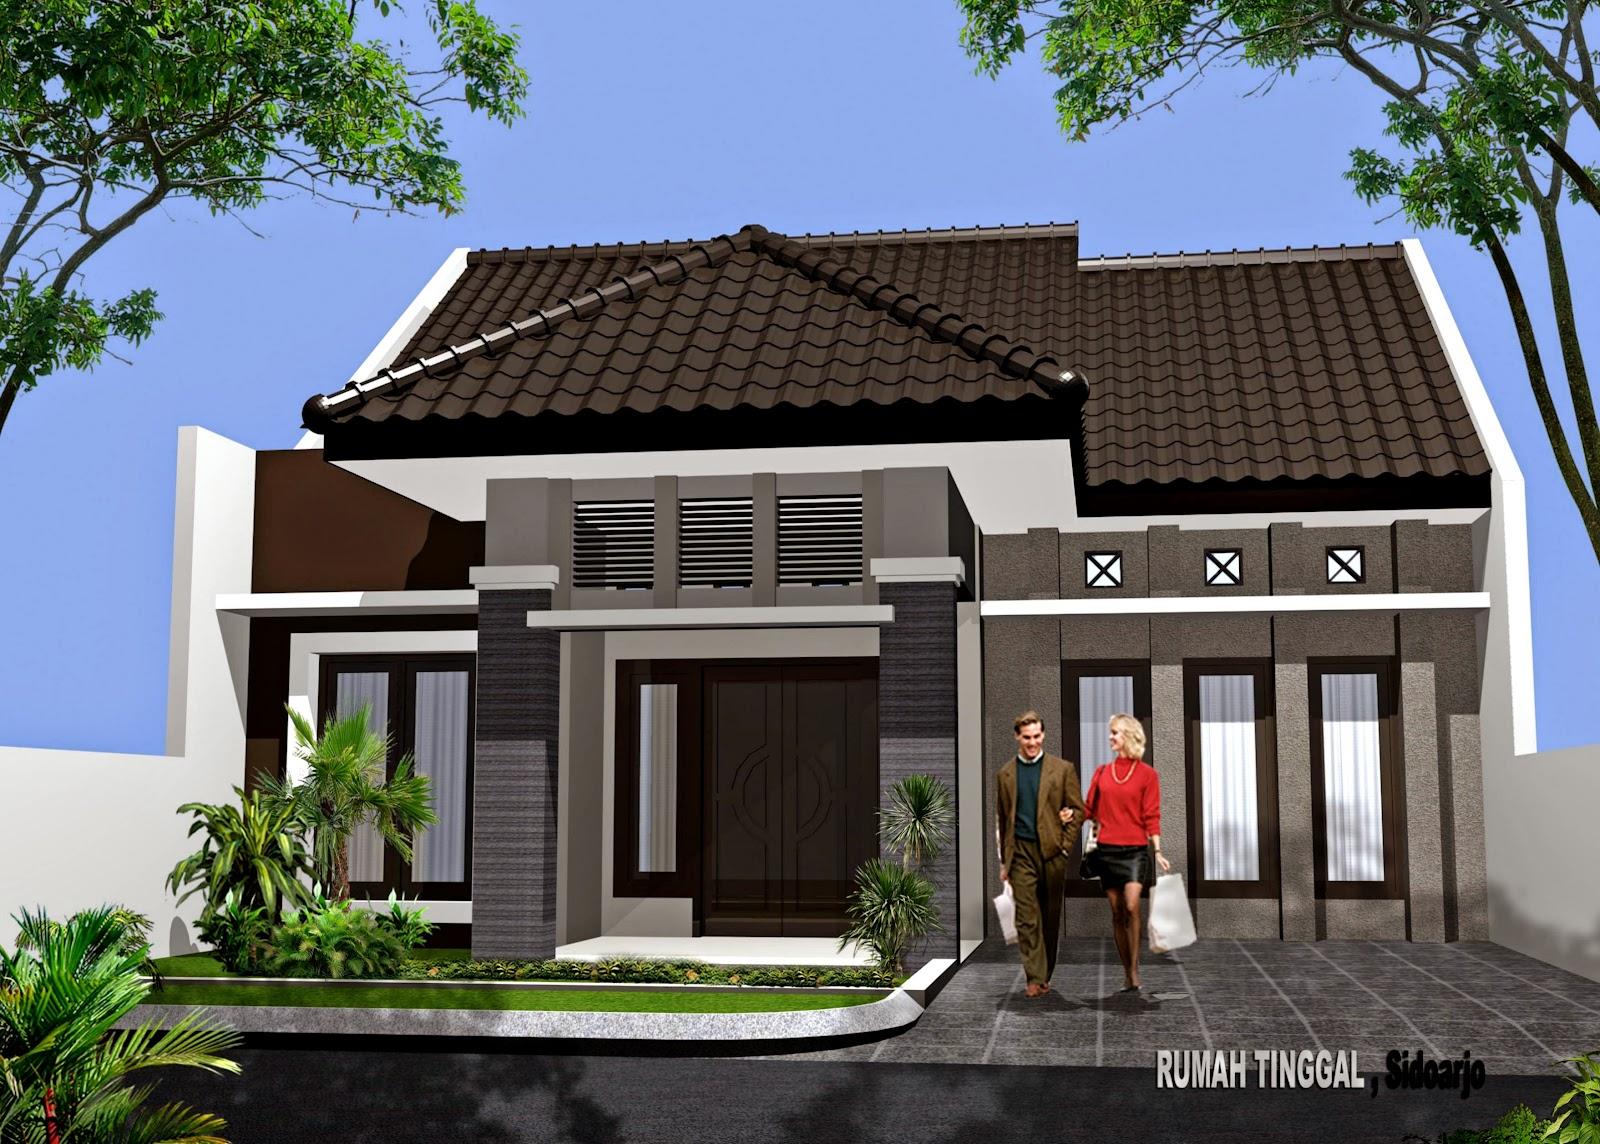 Model Rumah Minimalis Terbaru 1 Lantai Design Rumah Minimalis